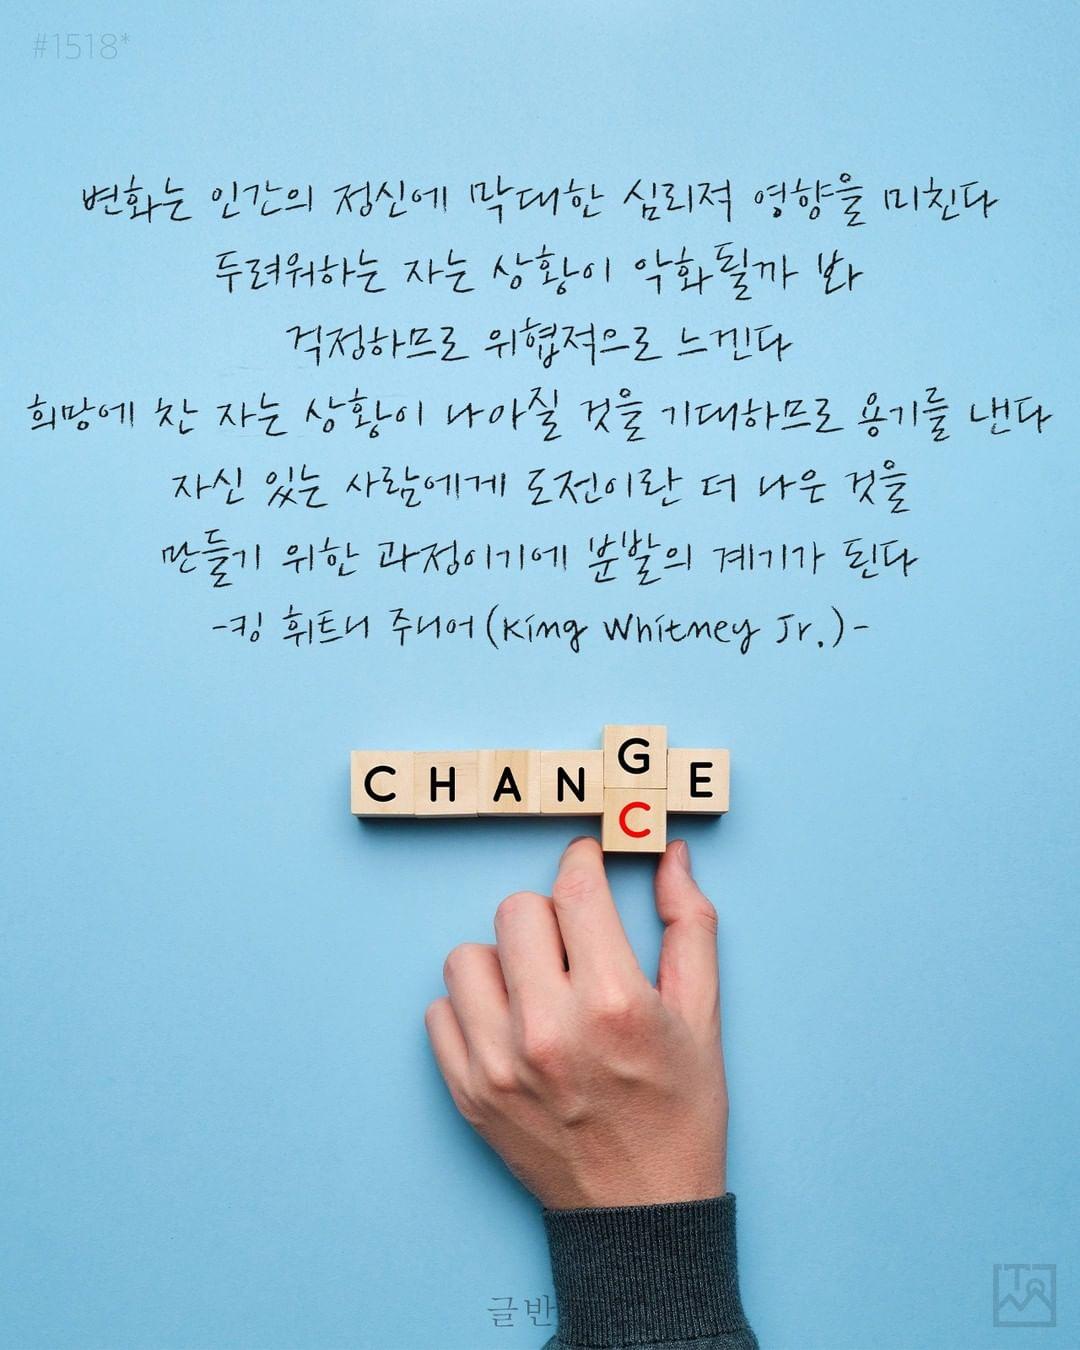 변화는 인간의 정신에 막대한 심리적 영향을 미친다 - 킹 휘트니 주니어(King Whitney Jr.)